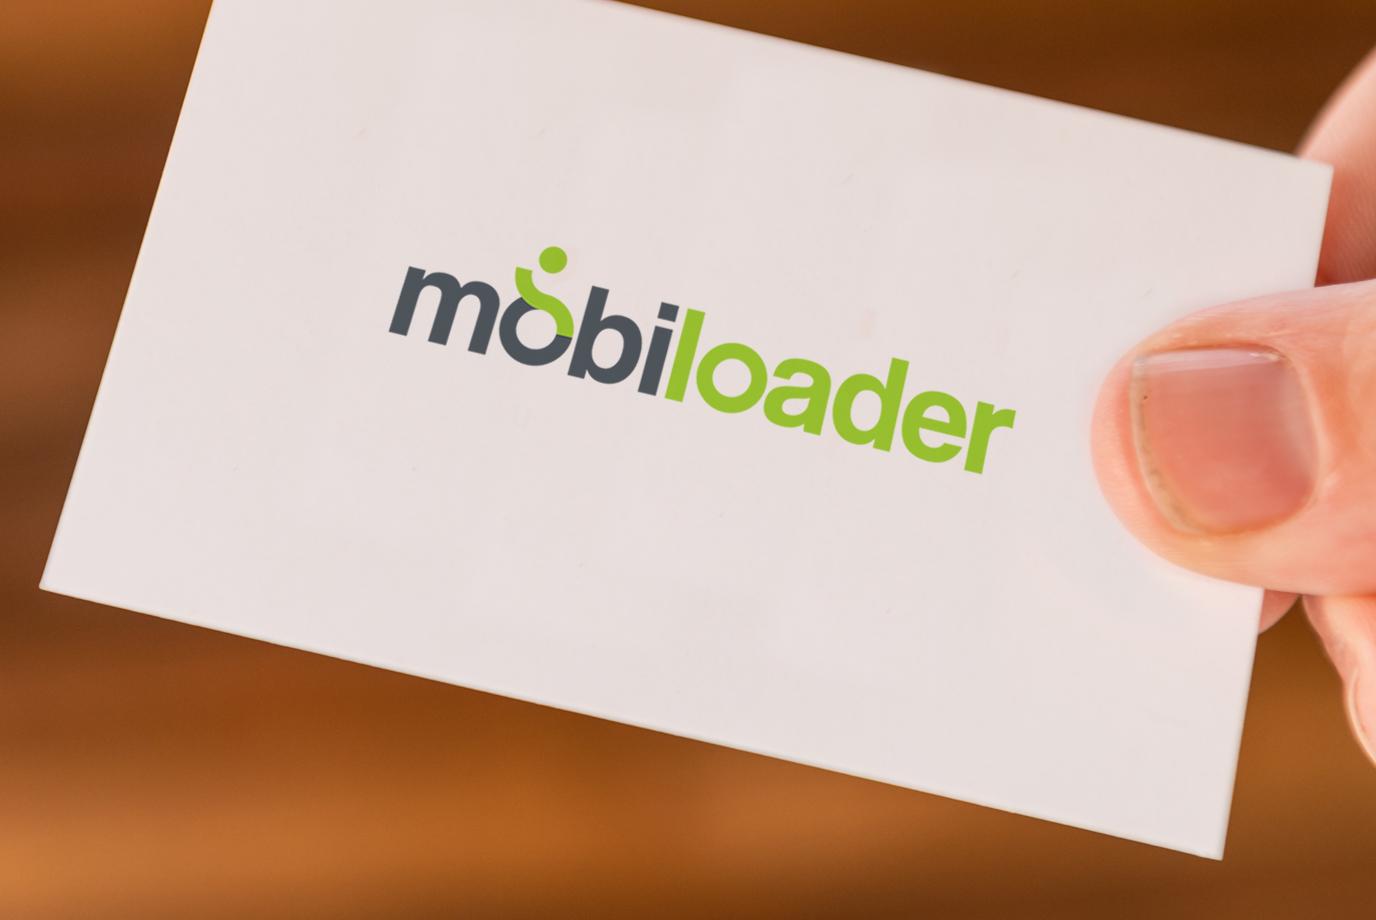 Mobiloader